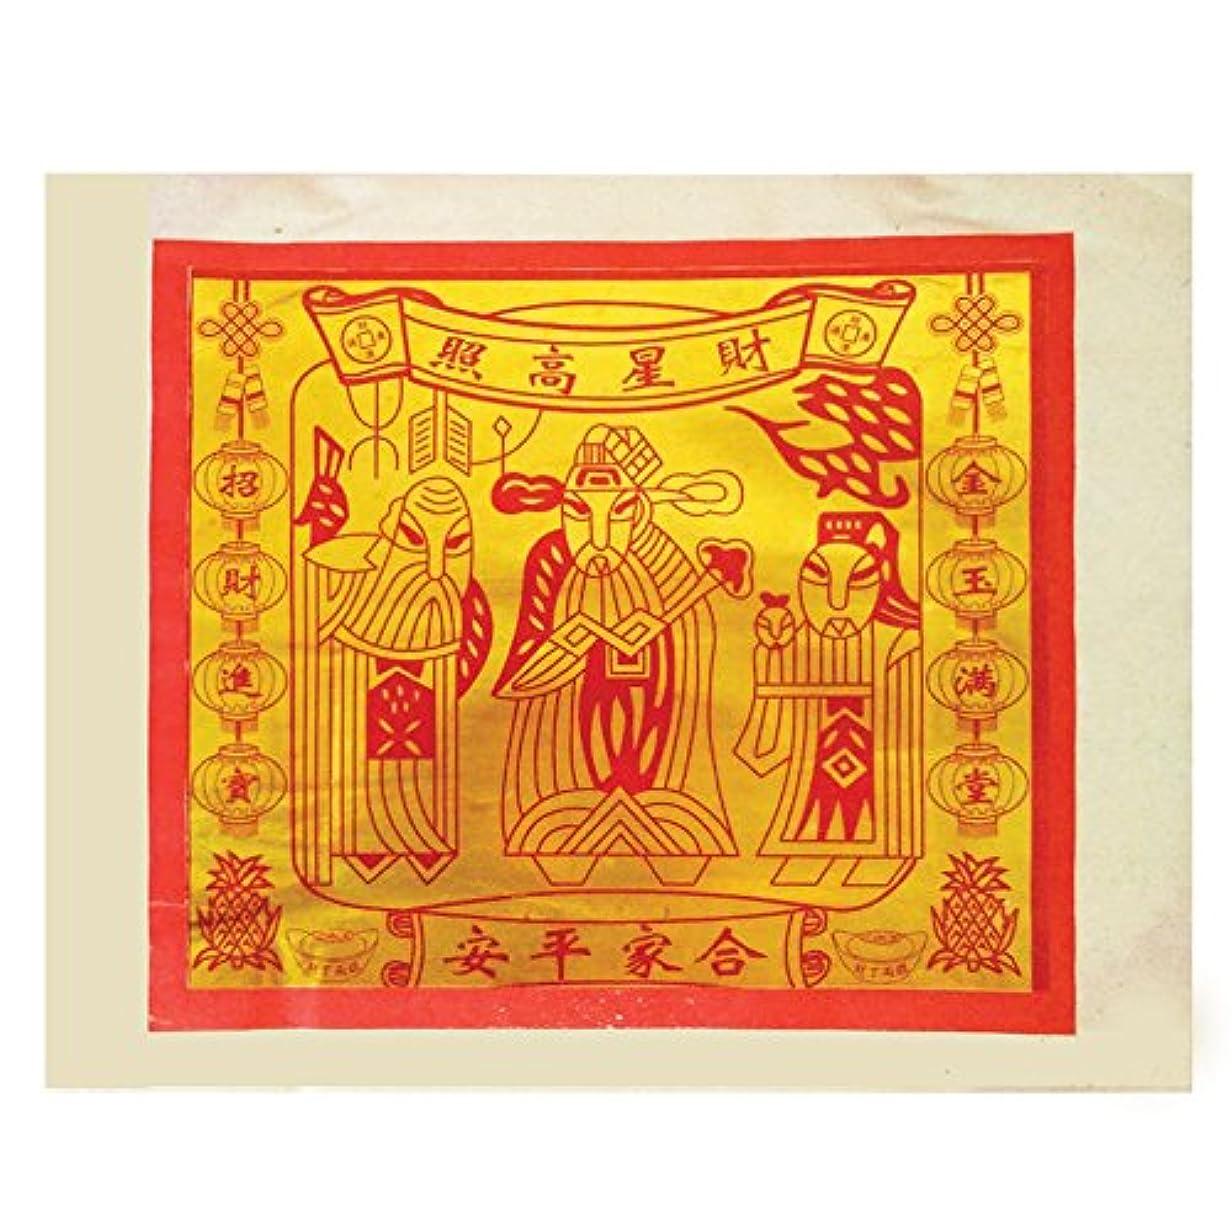 南東帝国主義永久80pcs Incense用紙/ Joss用紙with Gold Foil ( Mediumサイズ) 10.6インチx 10.4インチ